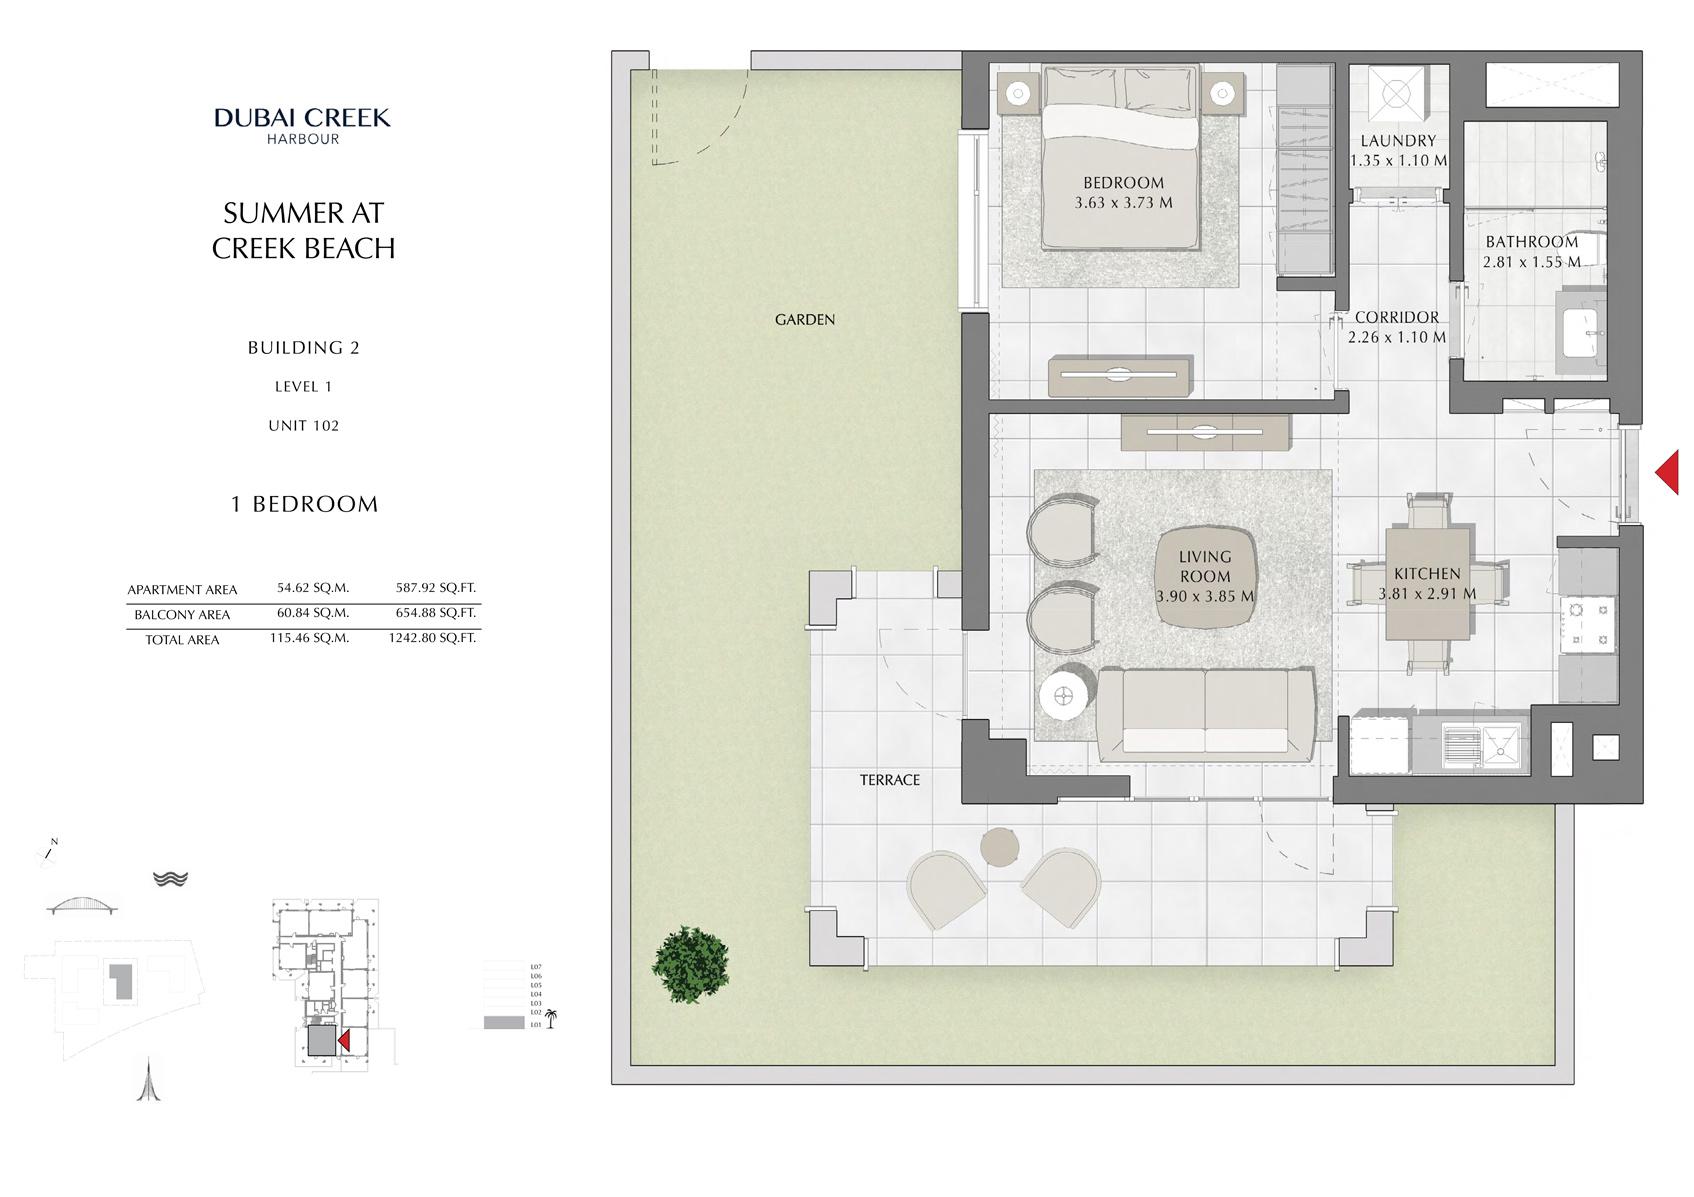 1 Br Building 2 Level 1 Unit 102, Size 1242 Sq Ft